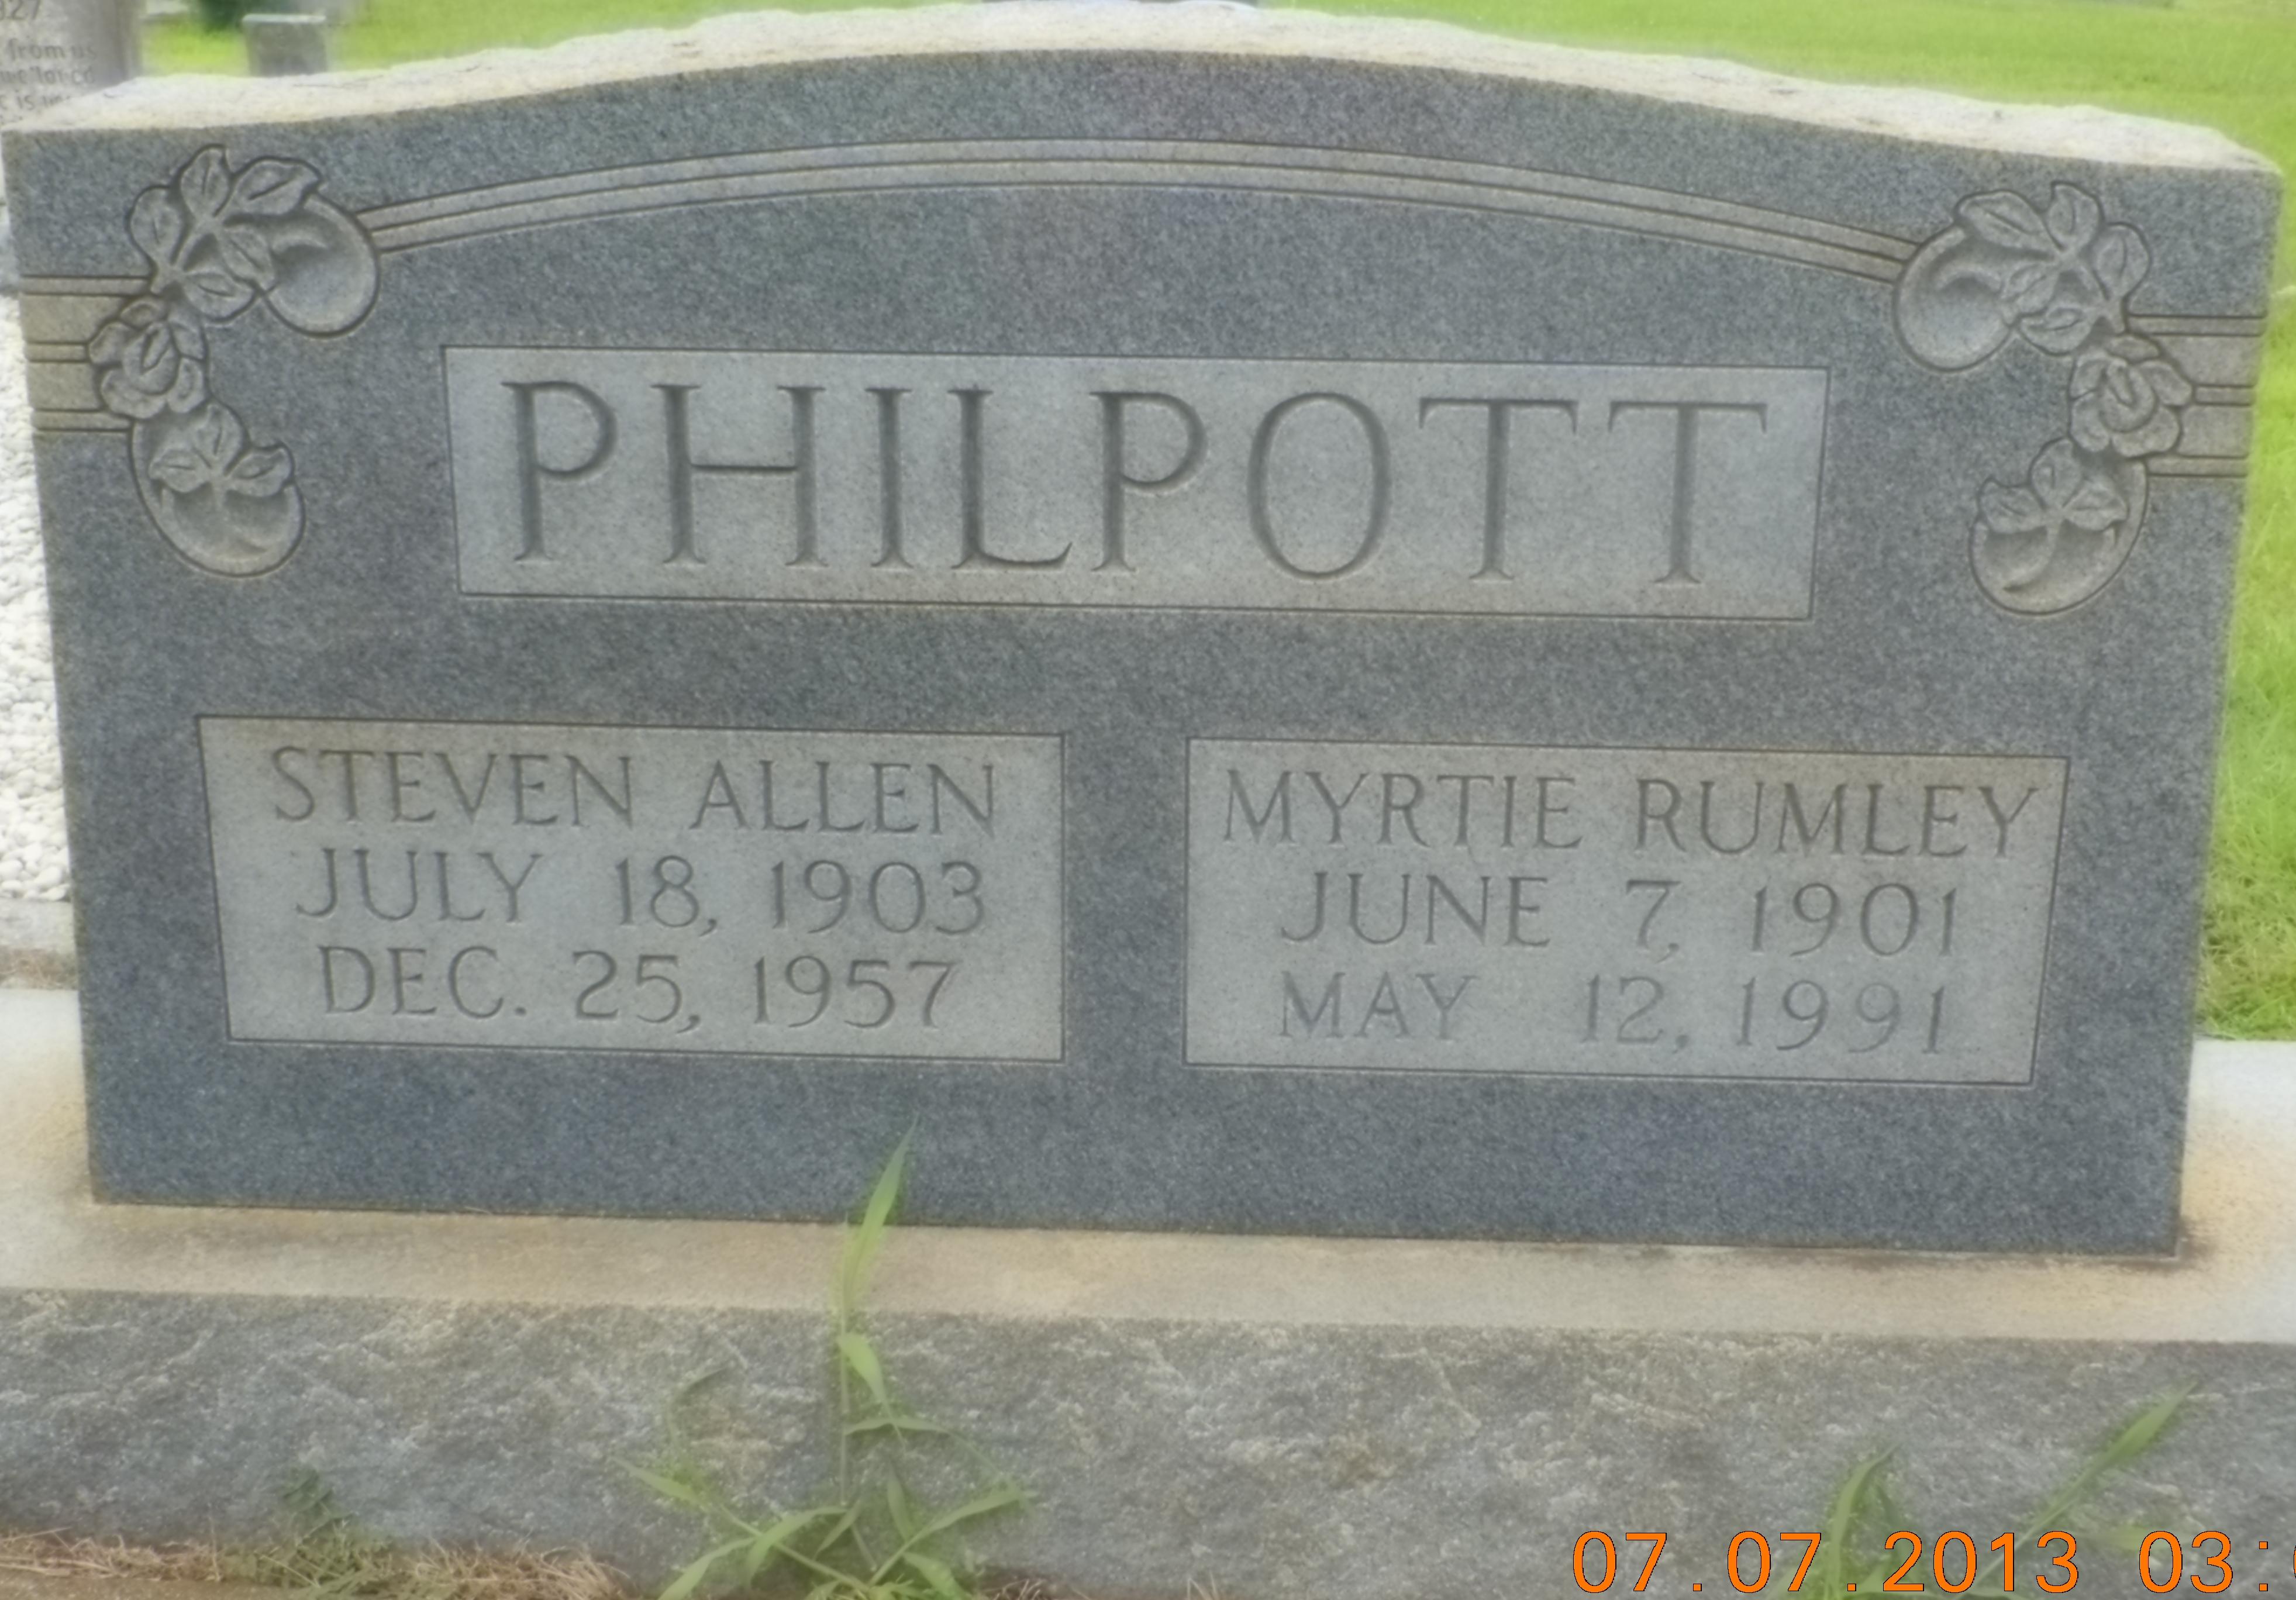 Myrtie <i>Rumley</i> Philpott